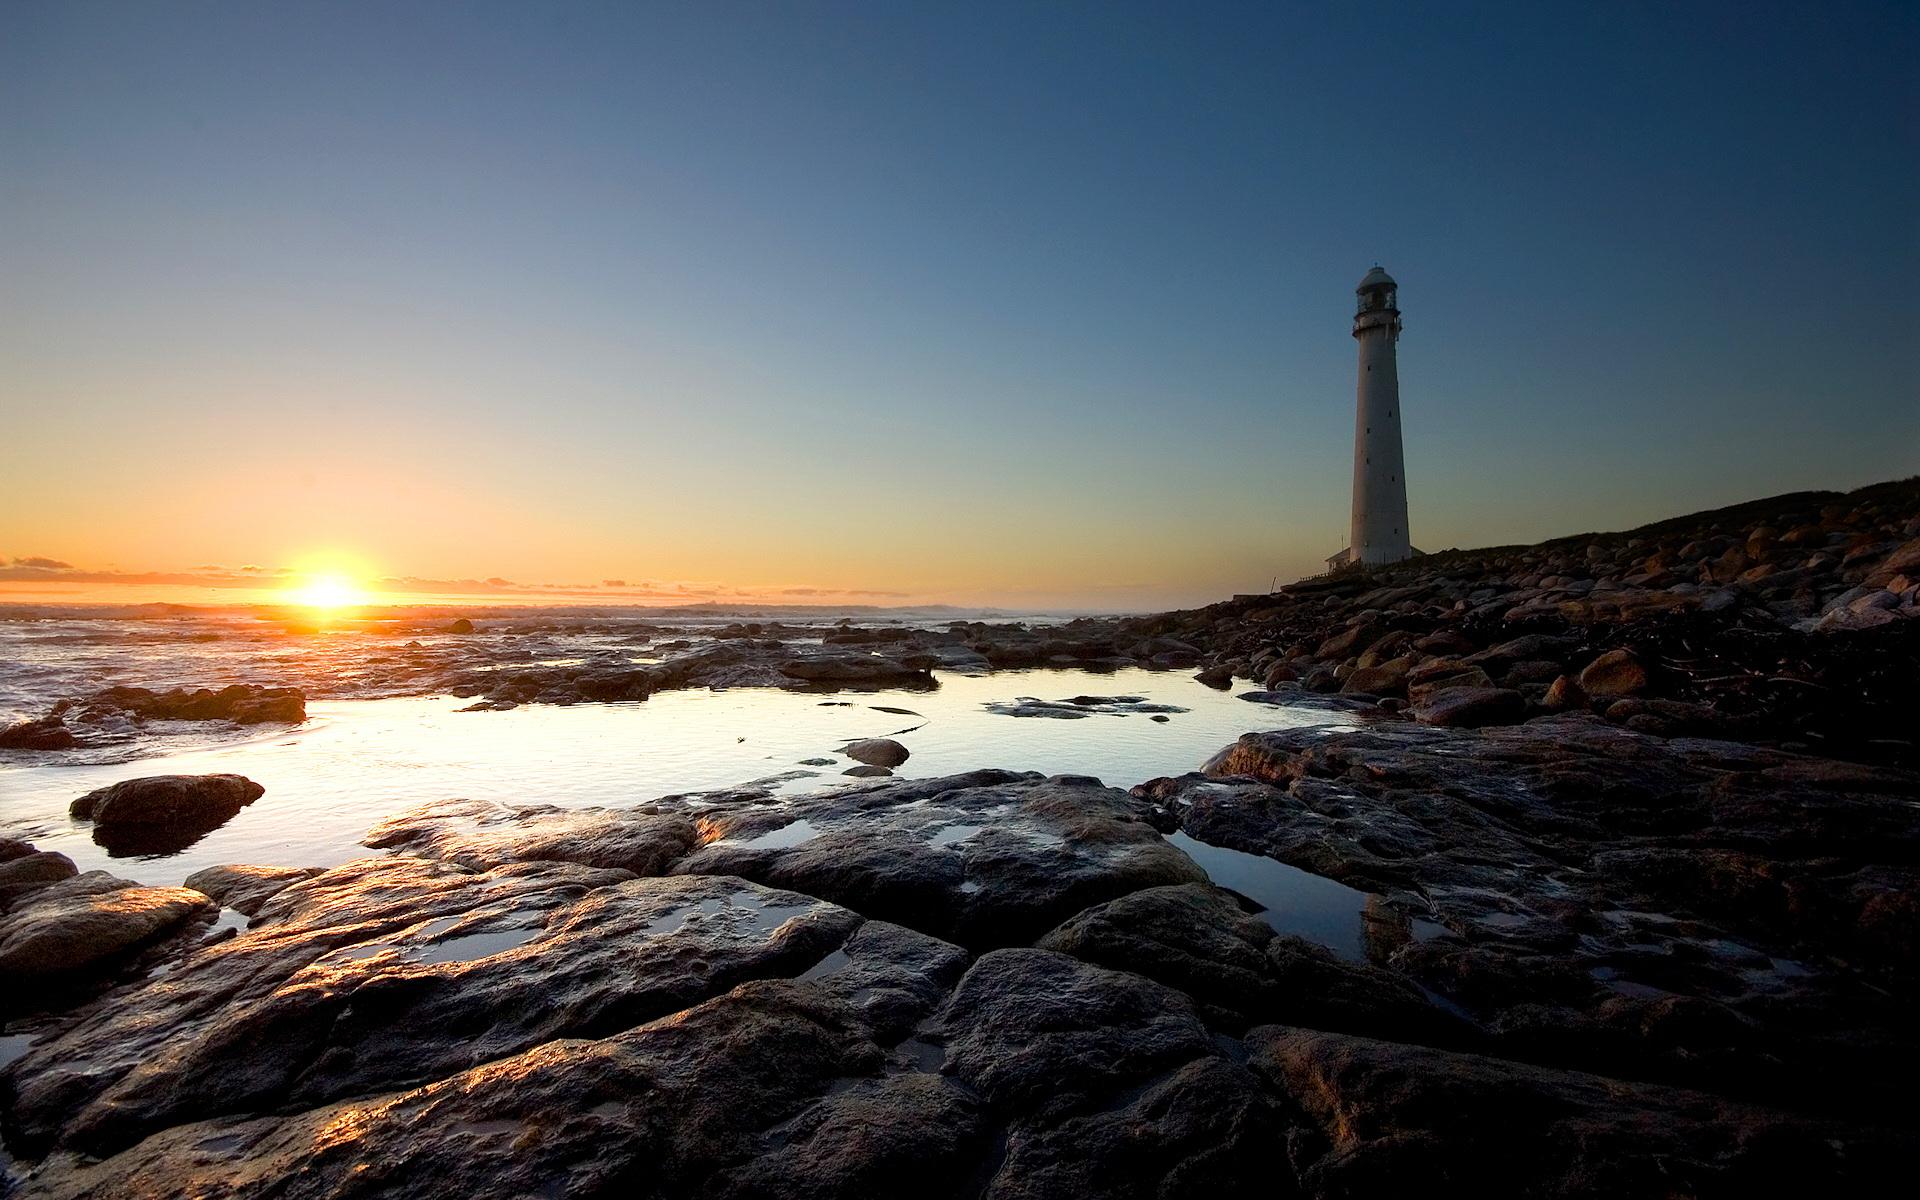 lighthouse-on-the-beach.jpg